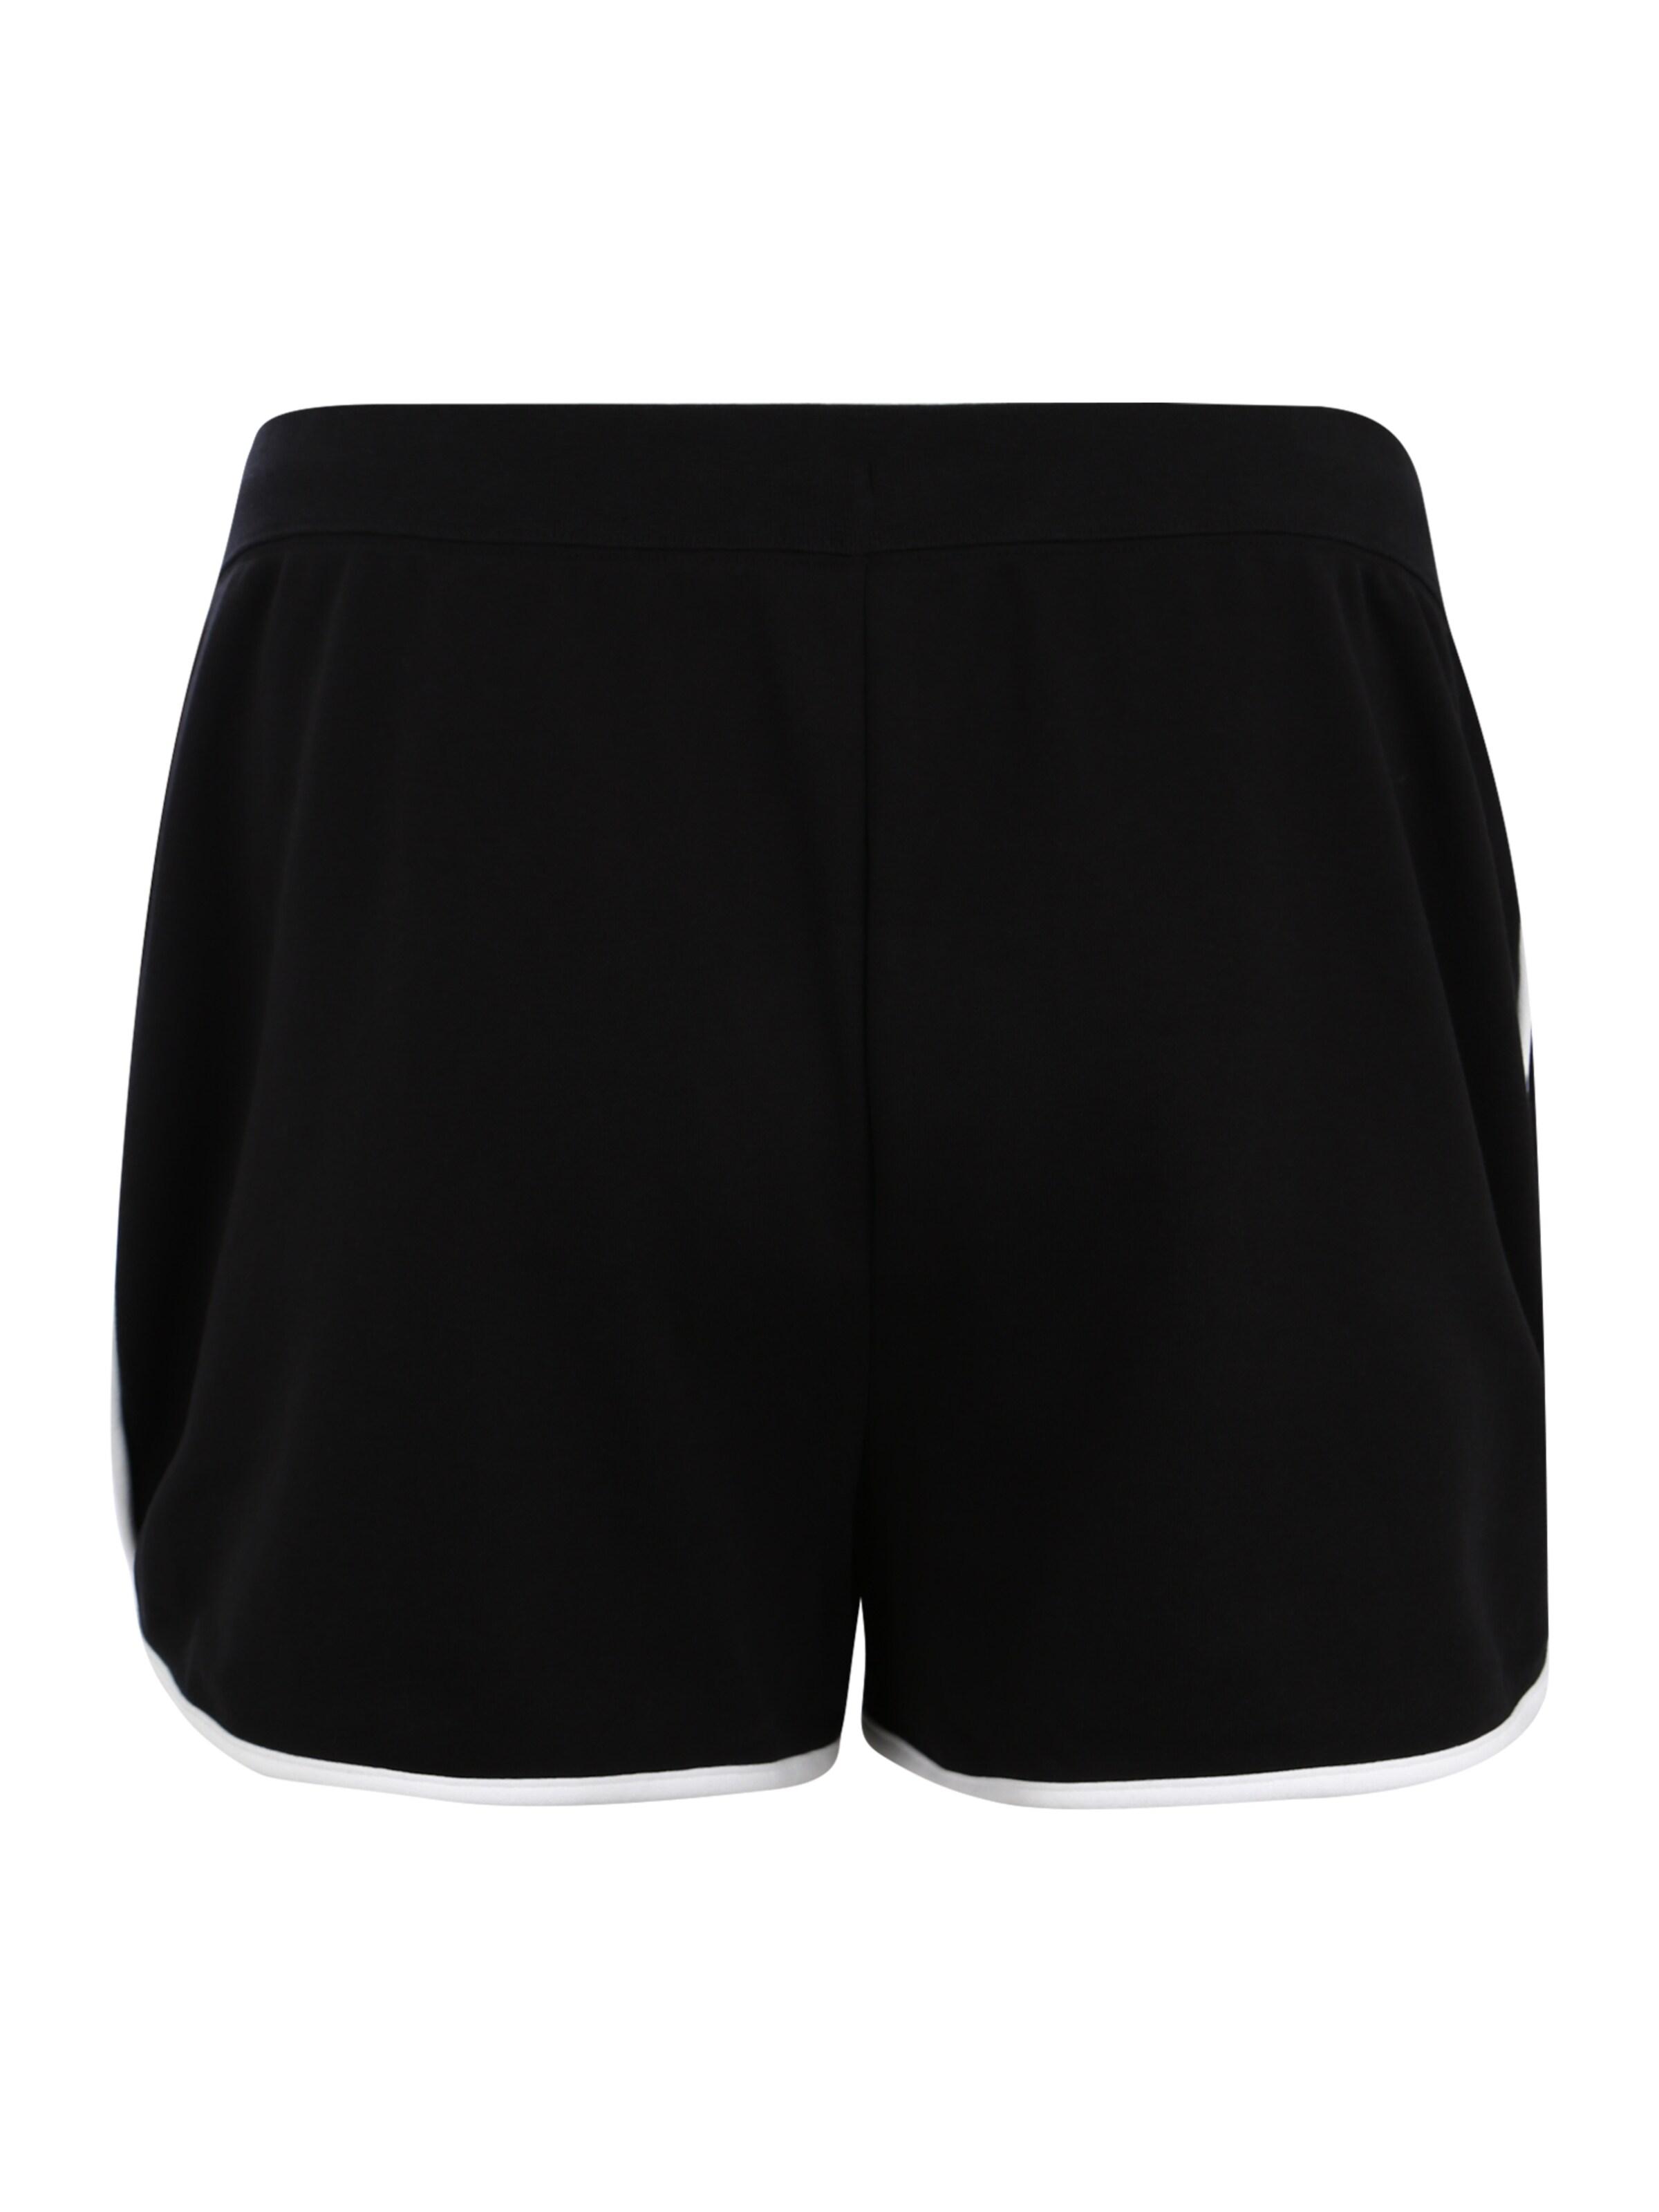 NoirBlanc Nike Sportswear En Pantalon Nike Sportswear l3uKJTFc1